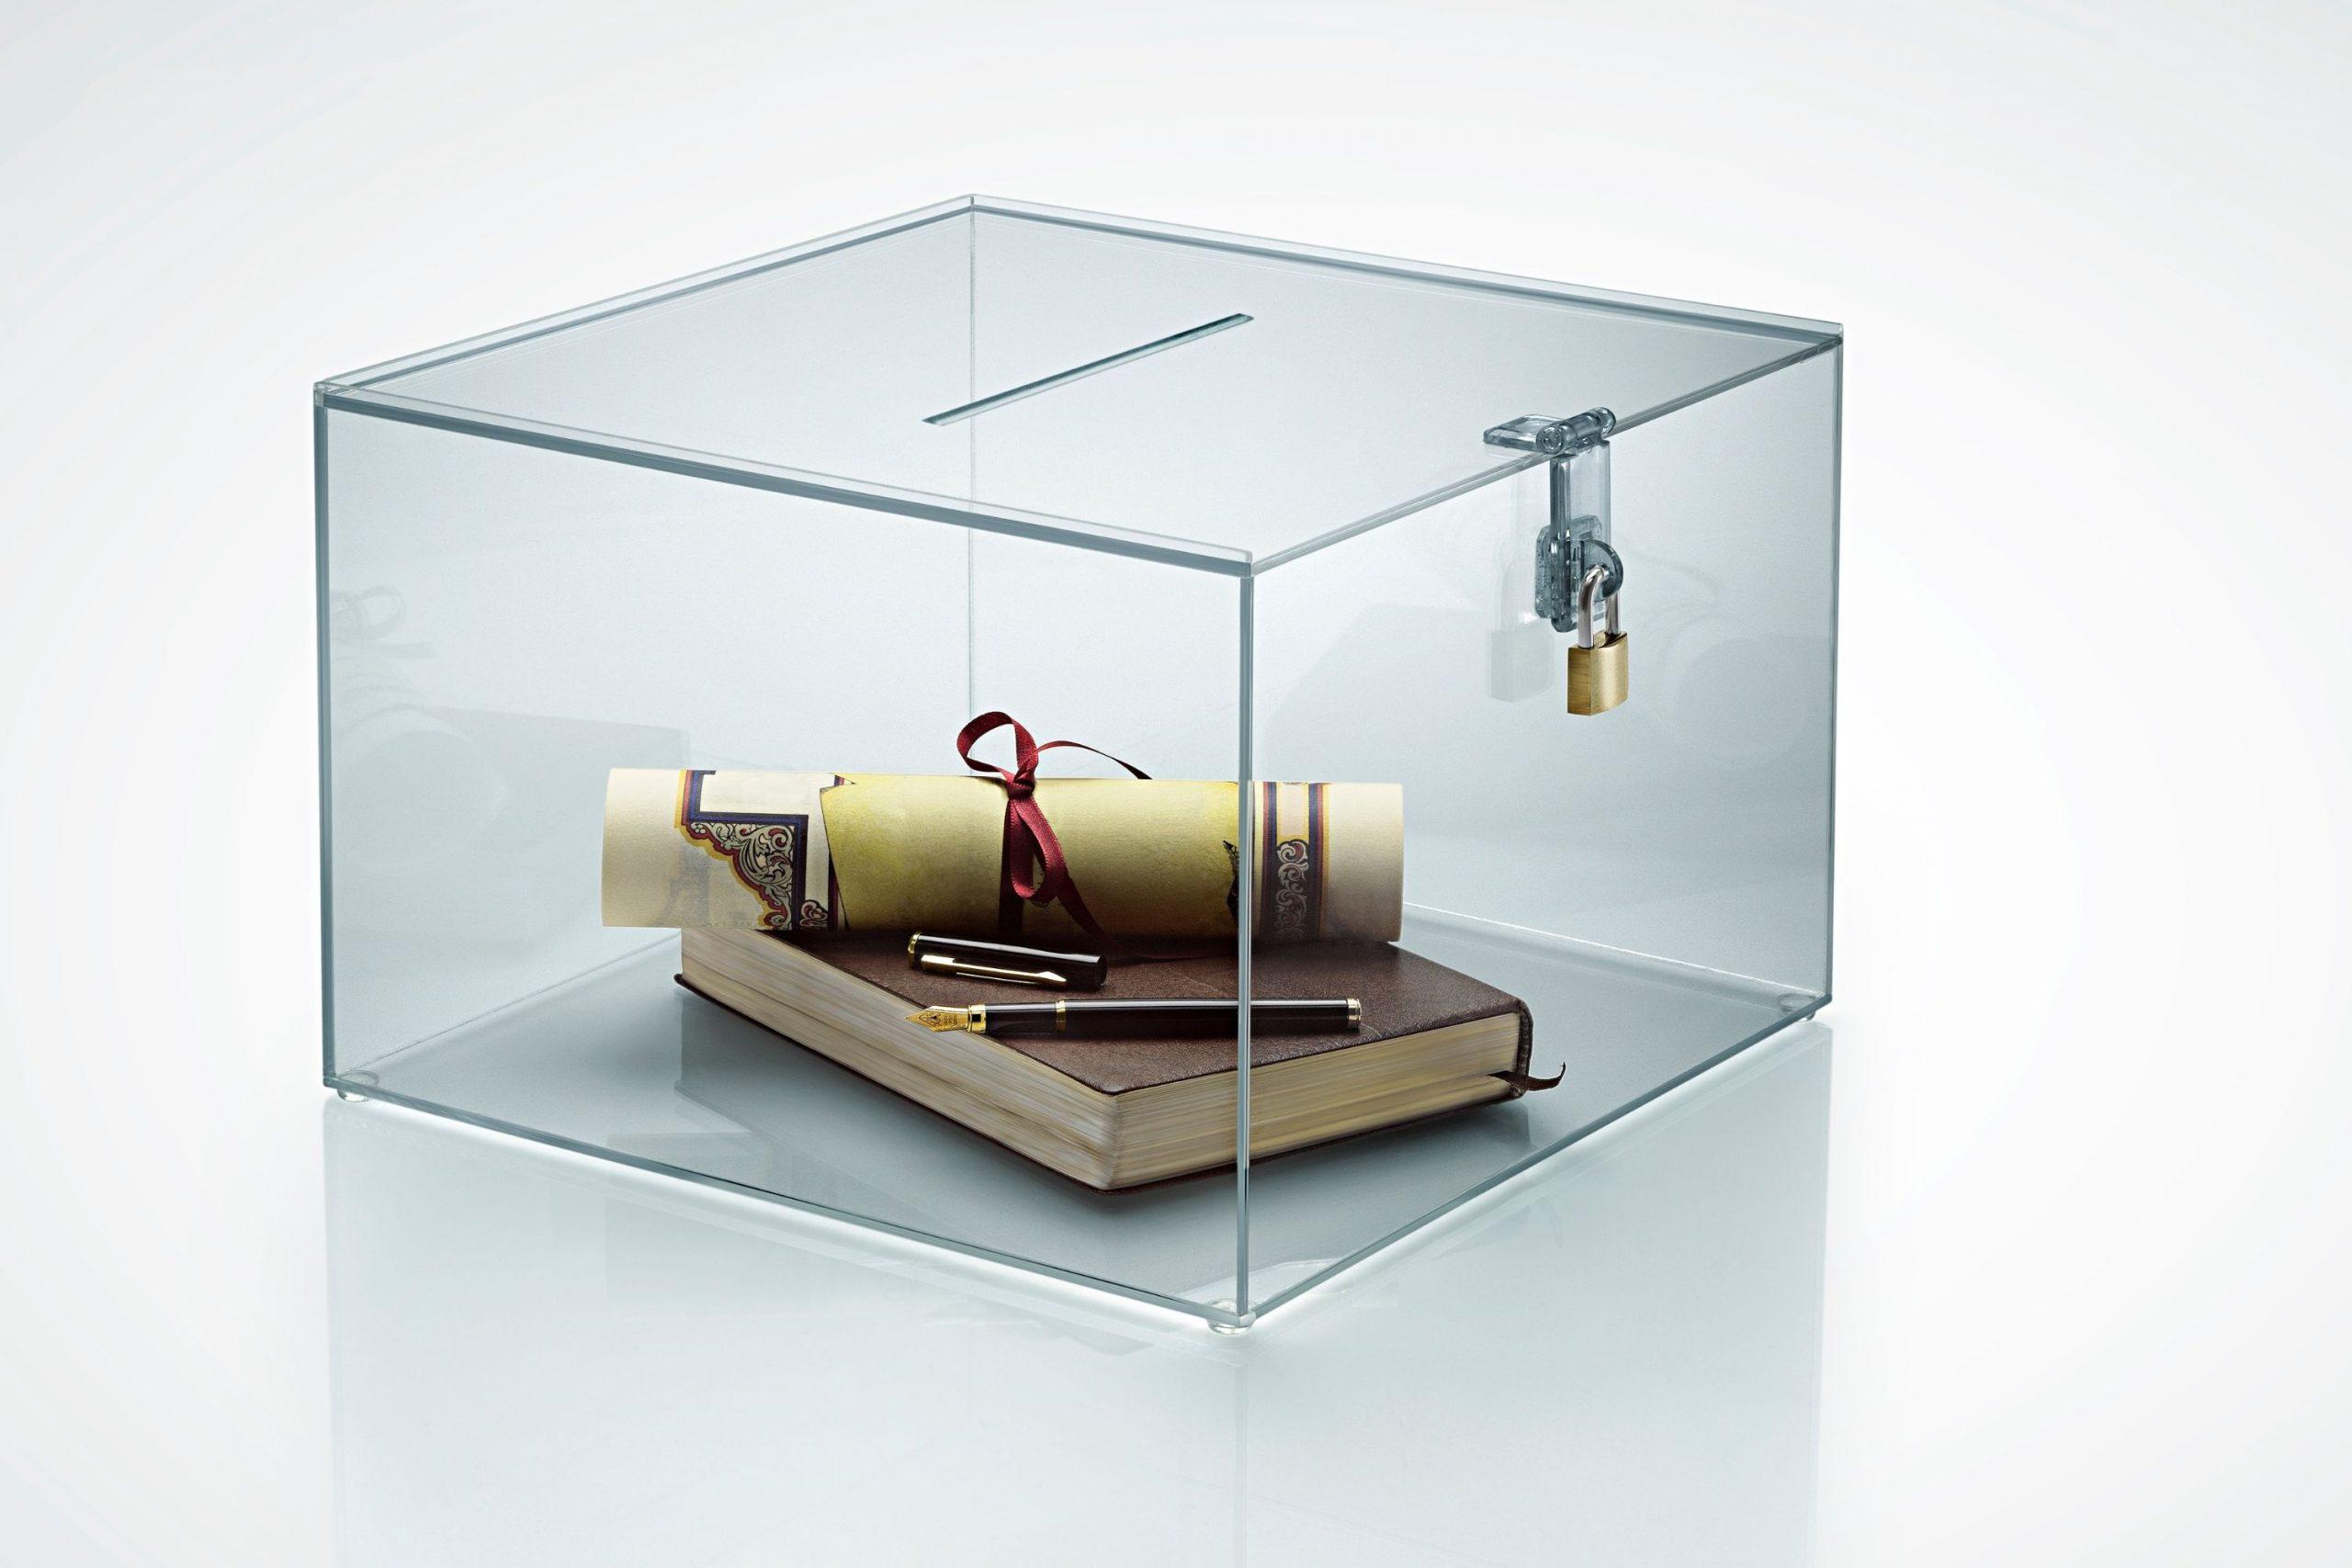 Acrylglas by KUERA8